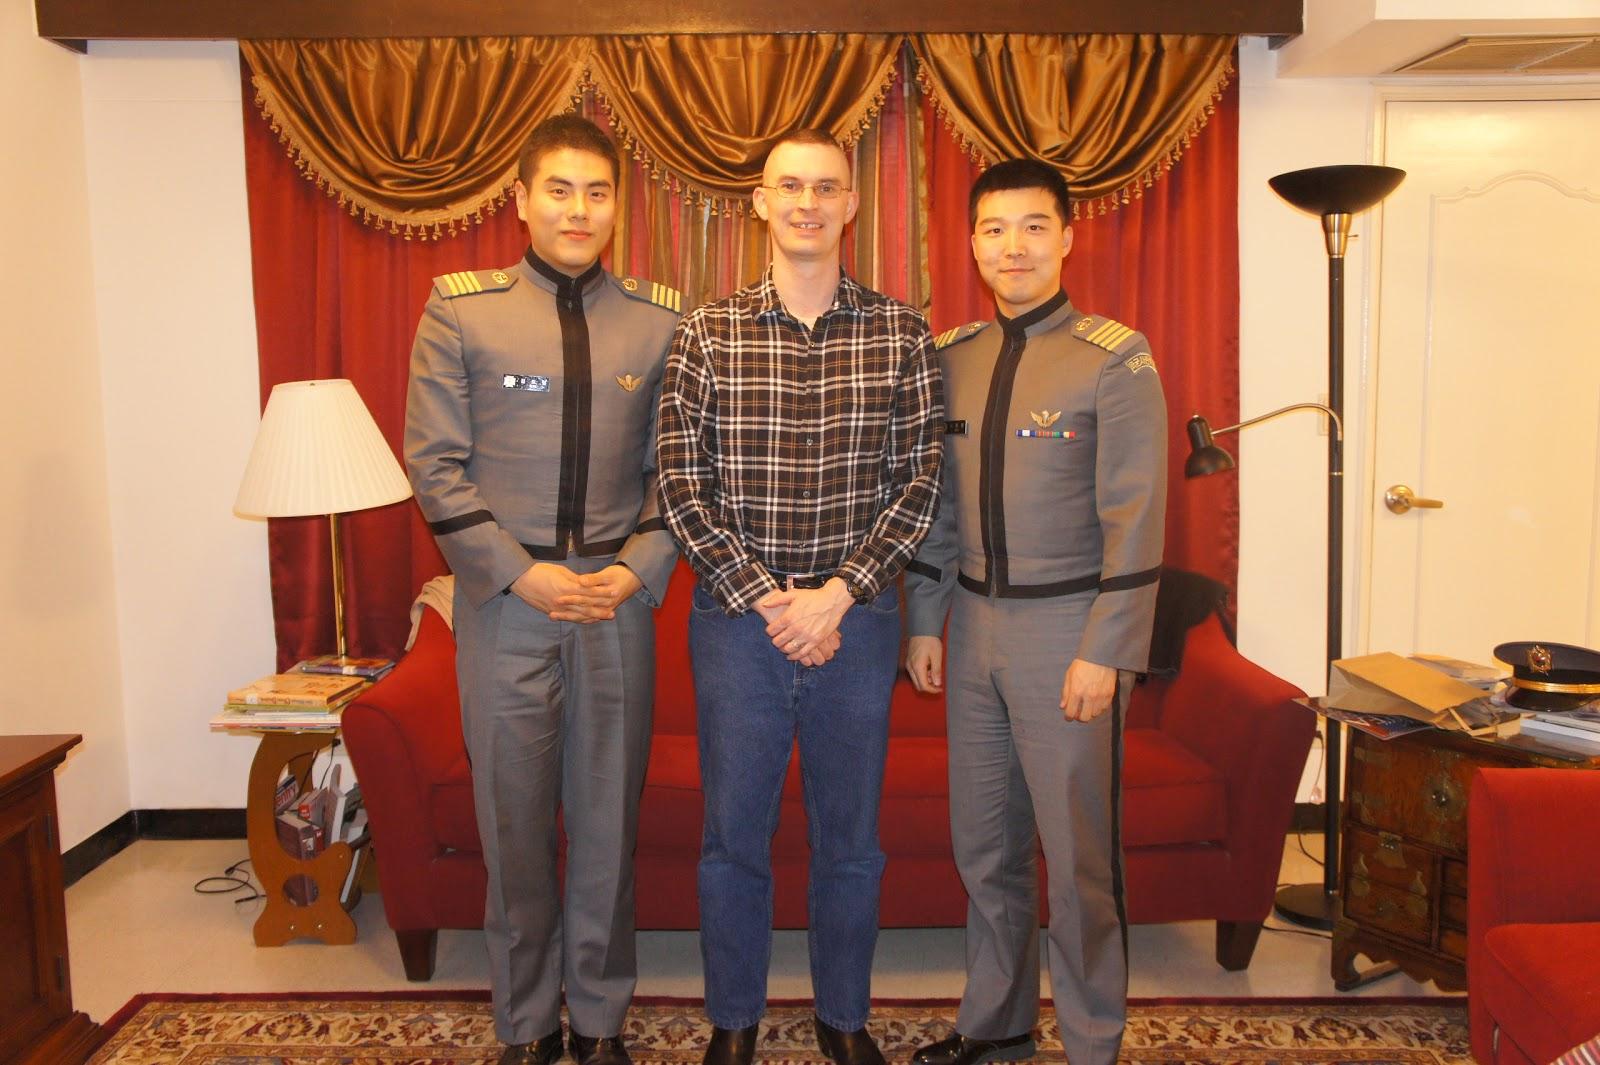 LIFE ON 'THE PENN': Korea Military Academy Cadet Dinner